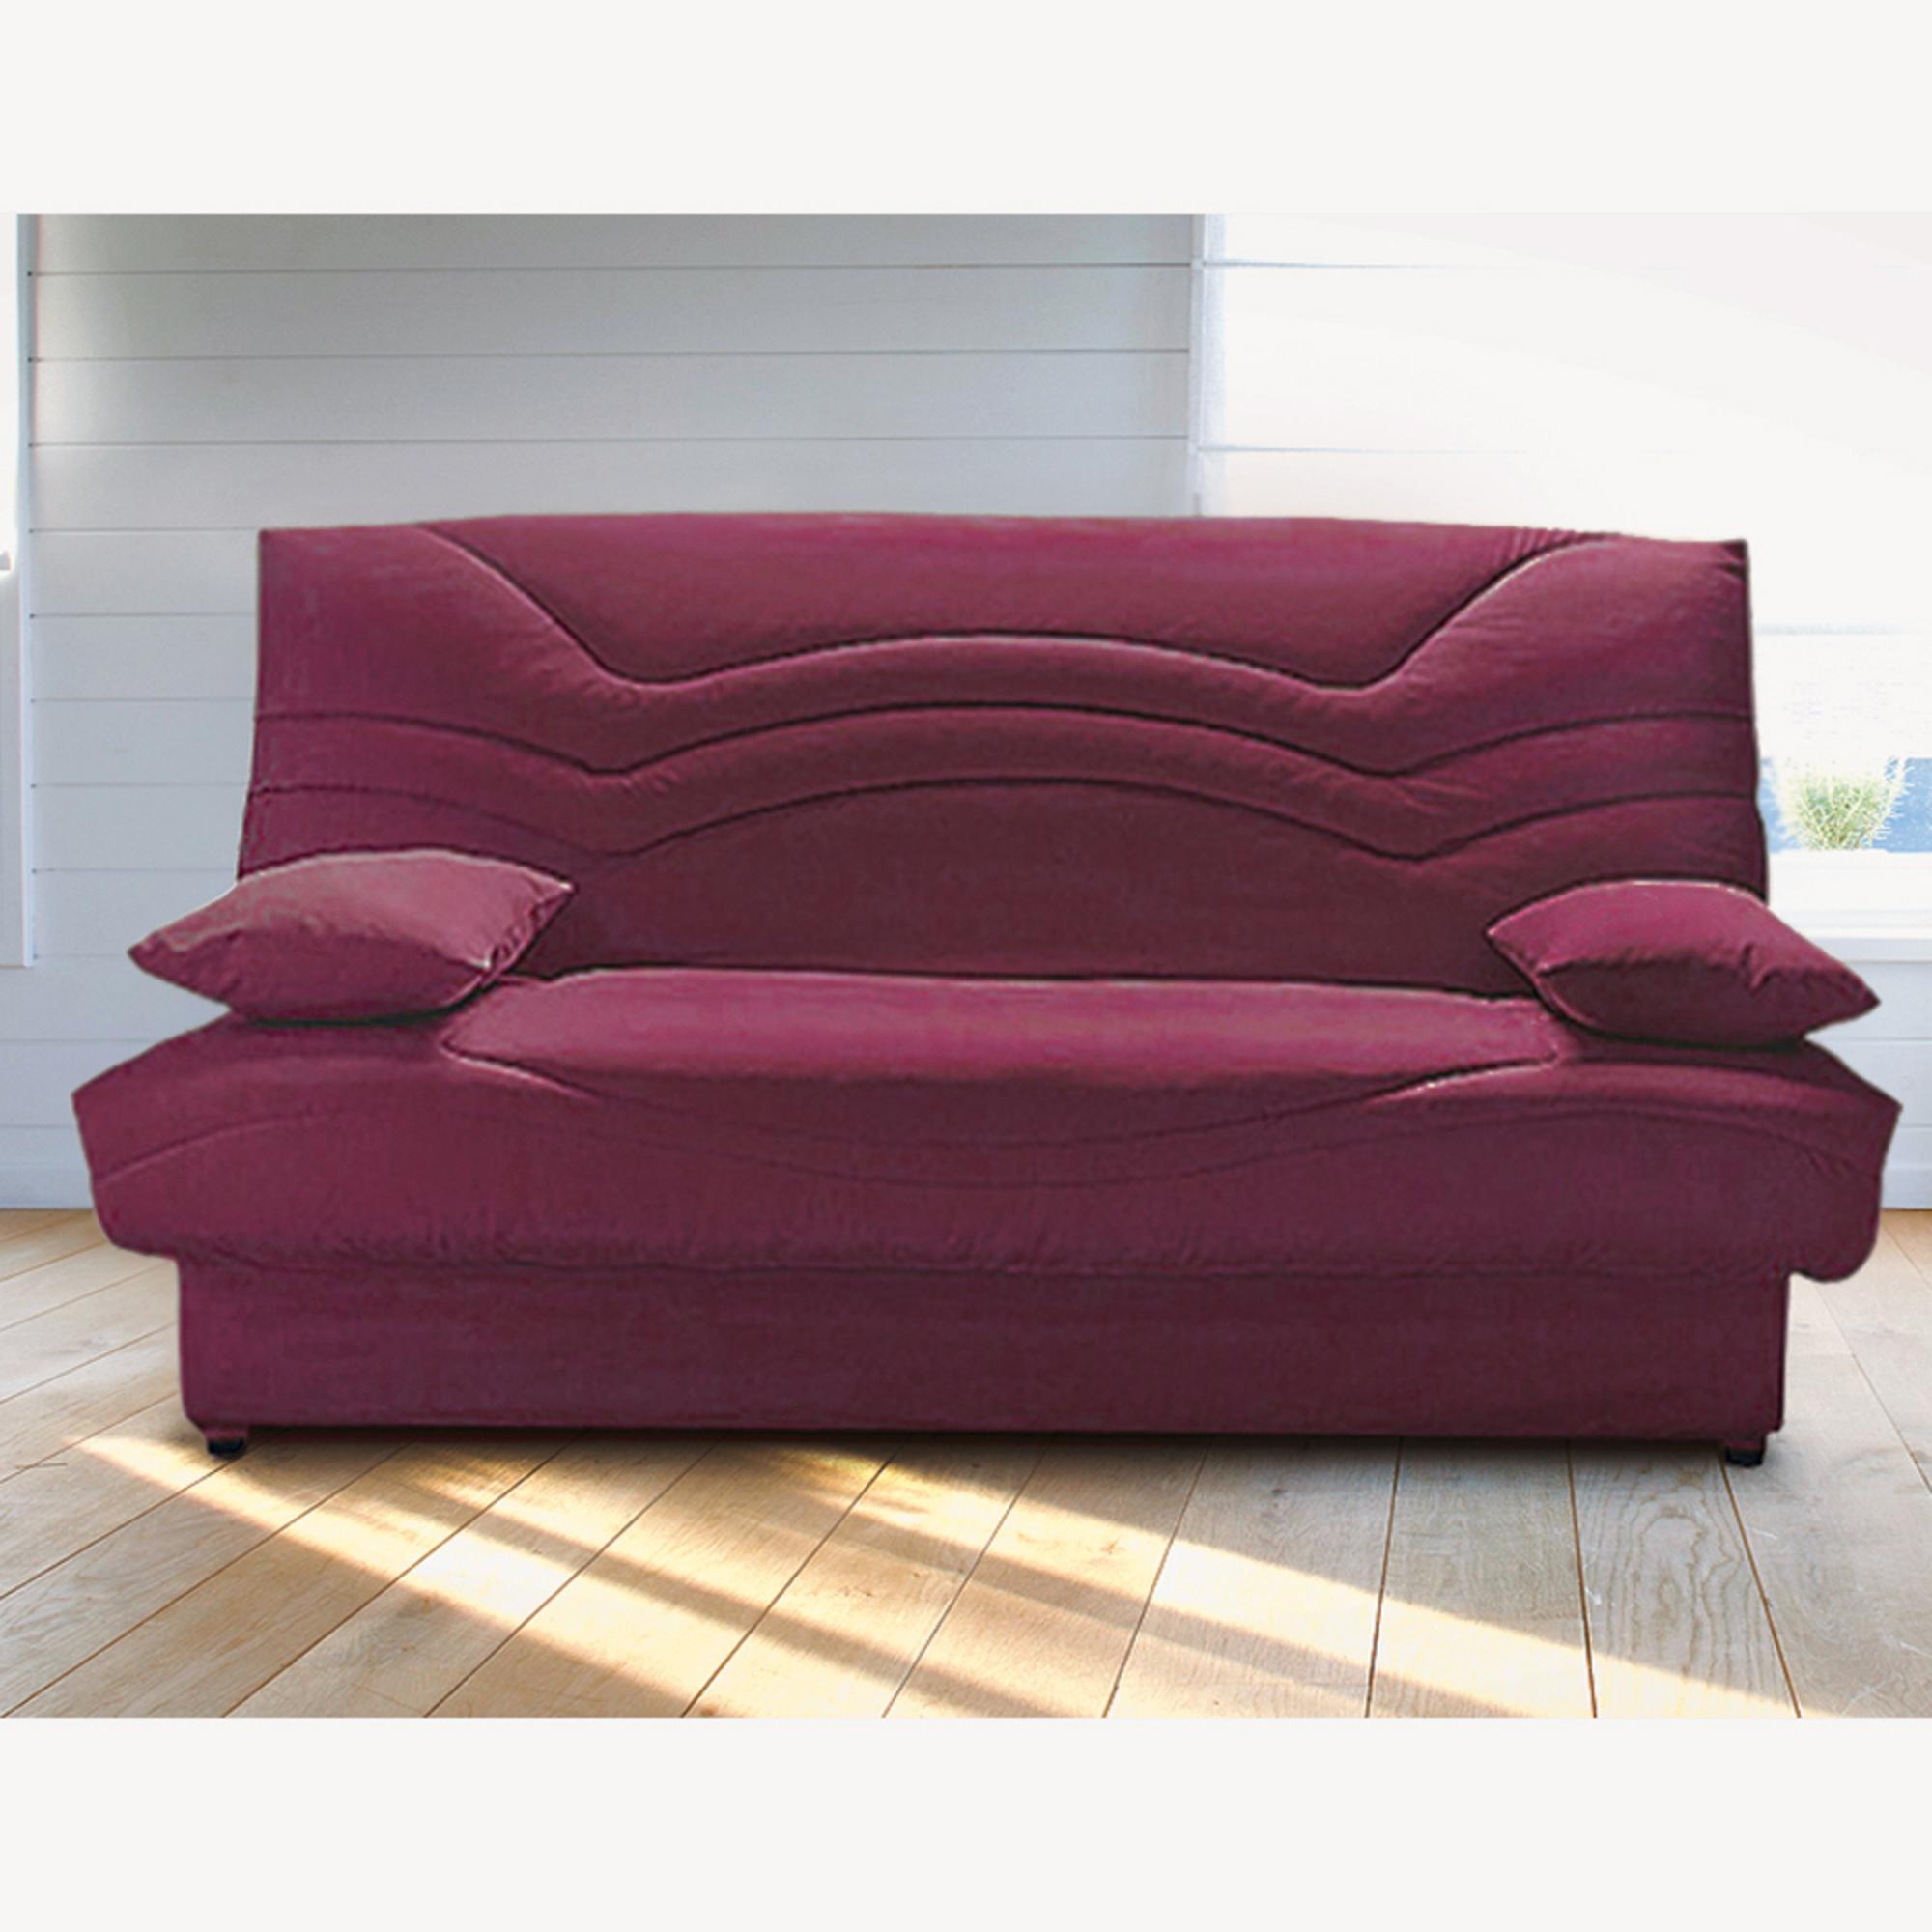 banquette clic clac 140 cm confort luxe bultex bermudes prune anniversaire 40 ans acheter. Black Bedroom Furniture Sets. Home Design Ideas